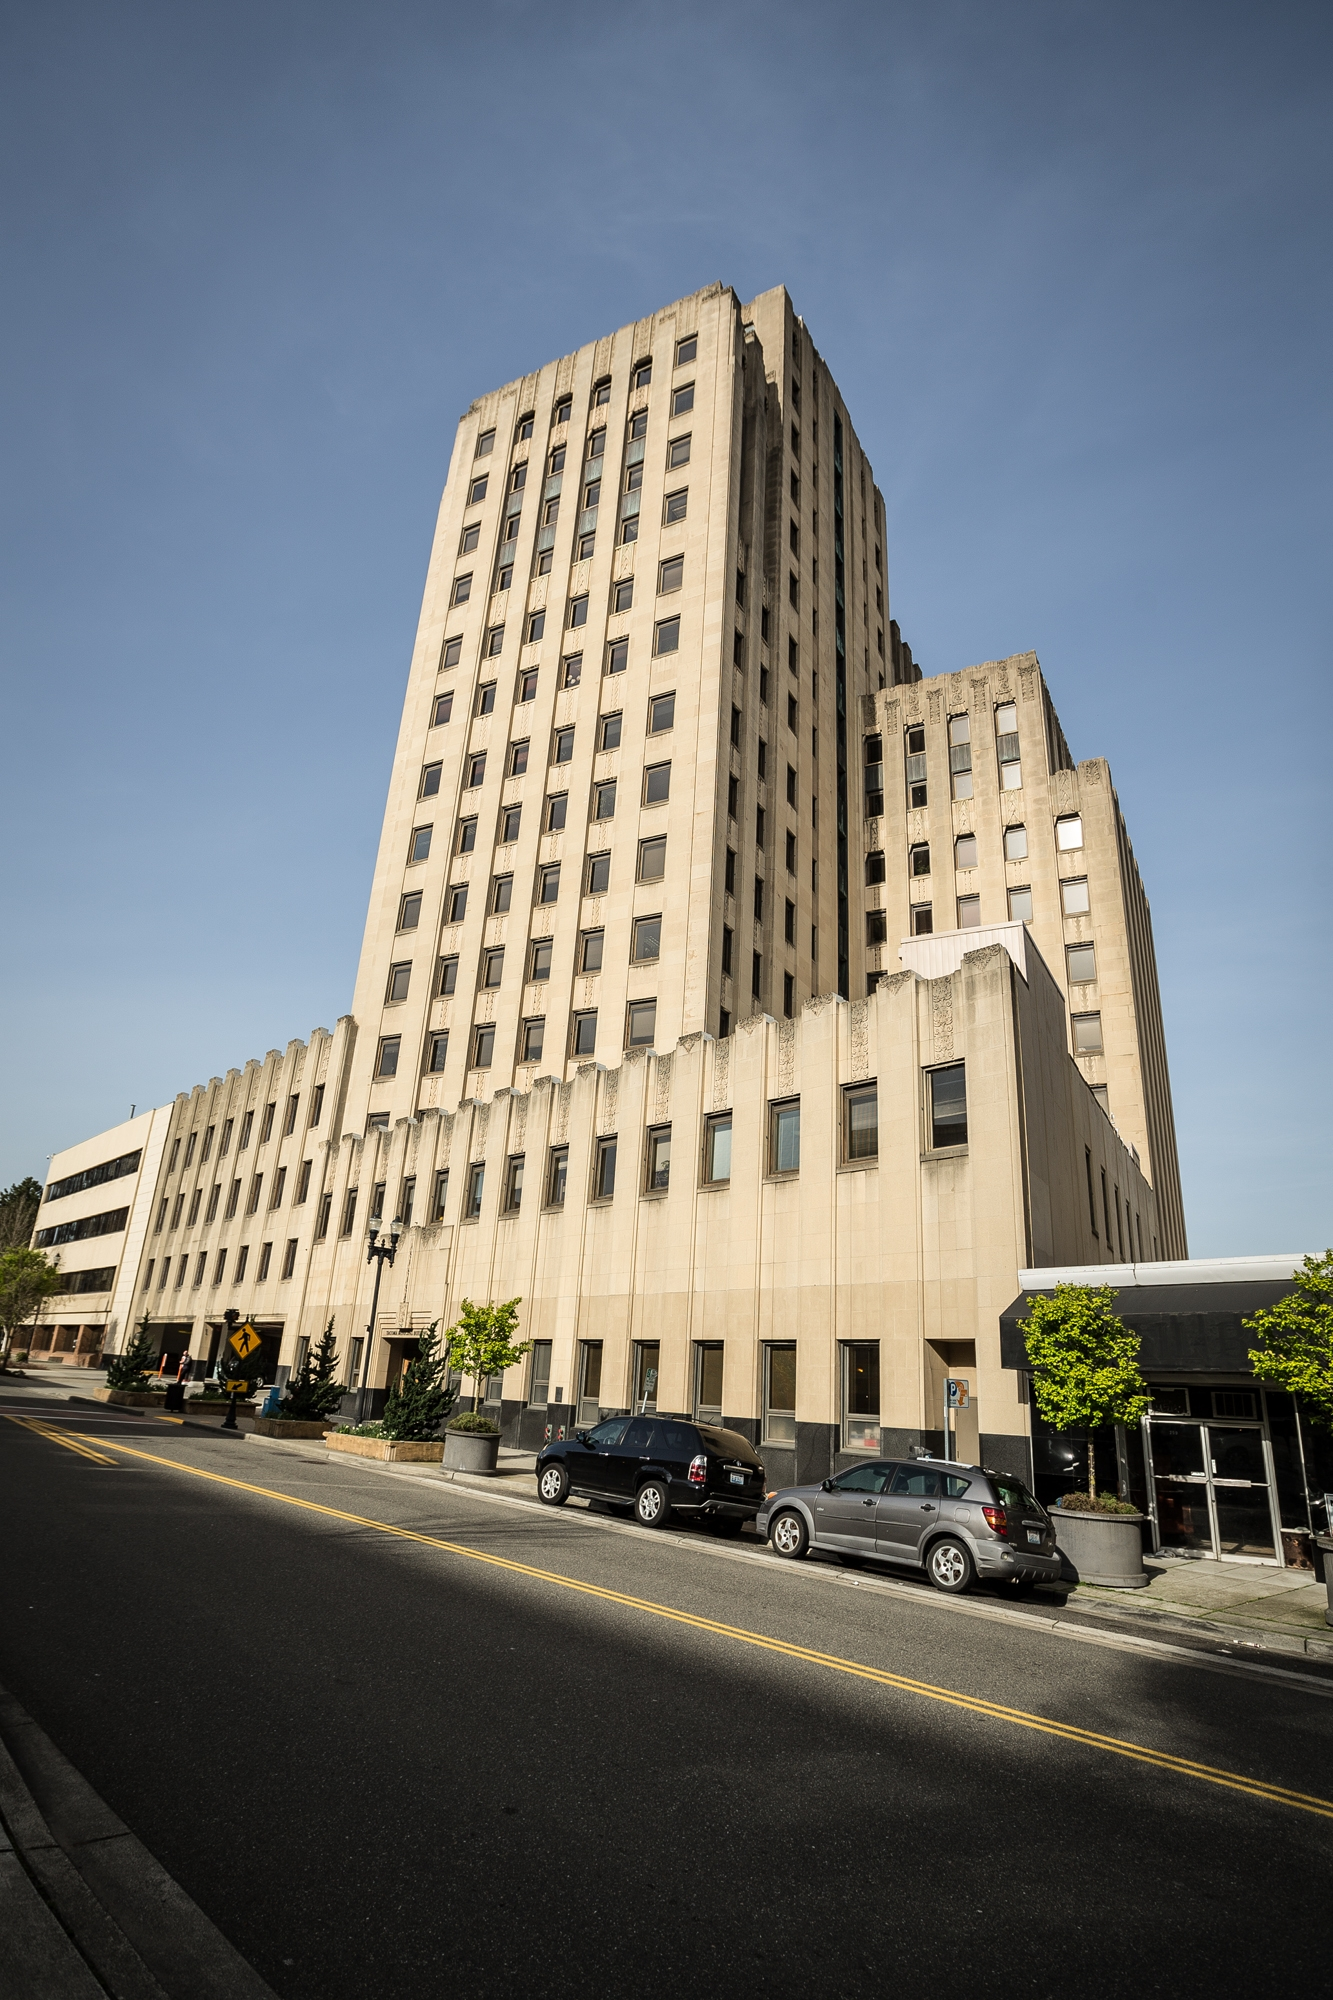 Tacoma Mayors office